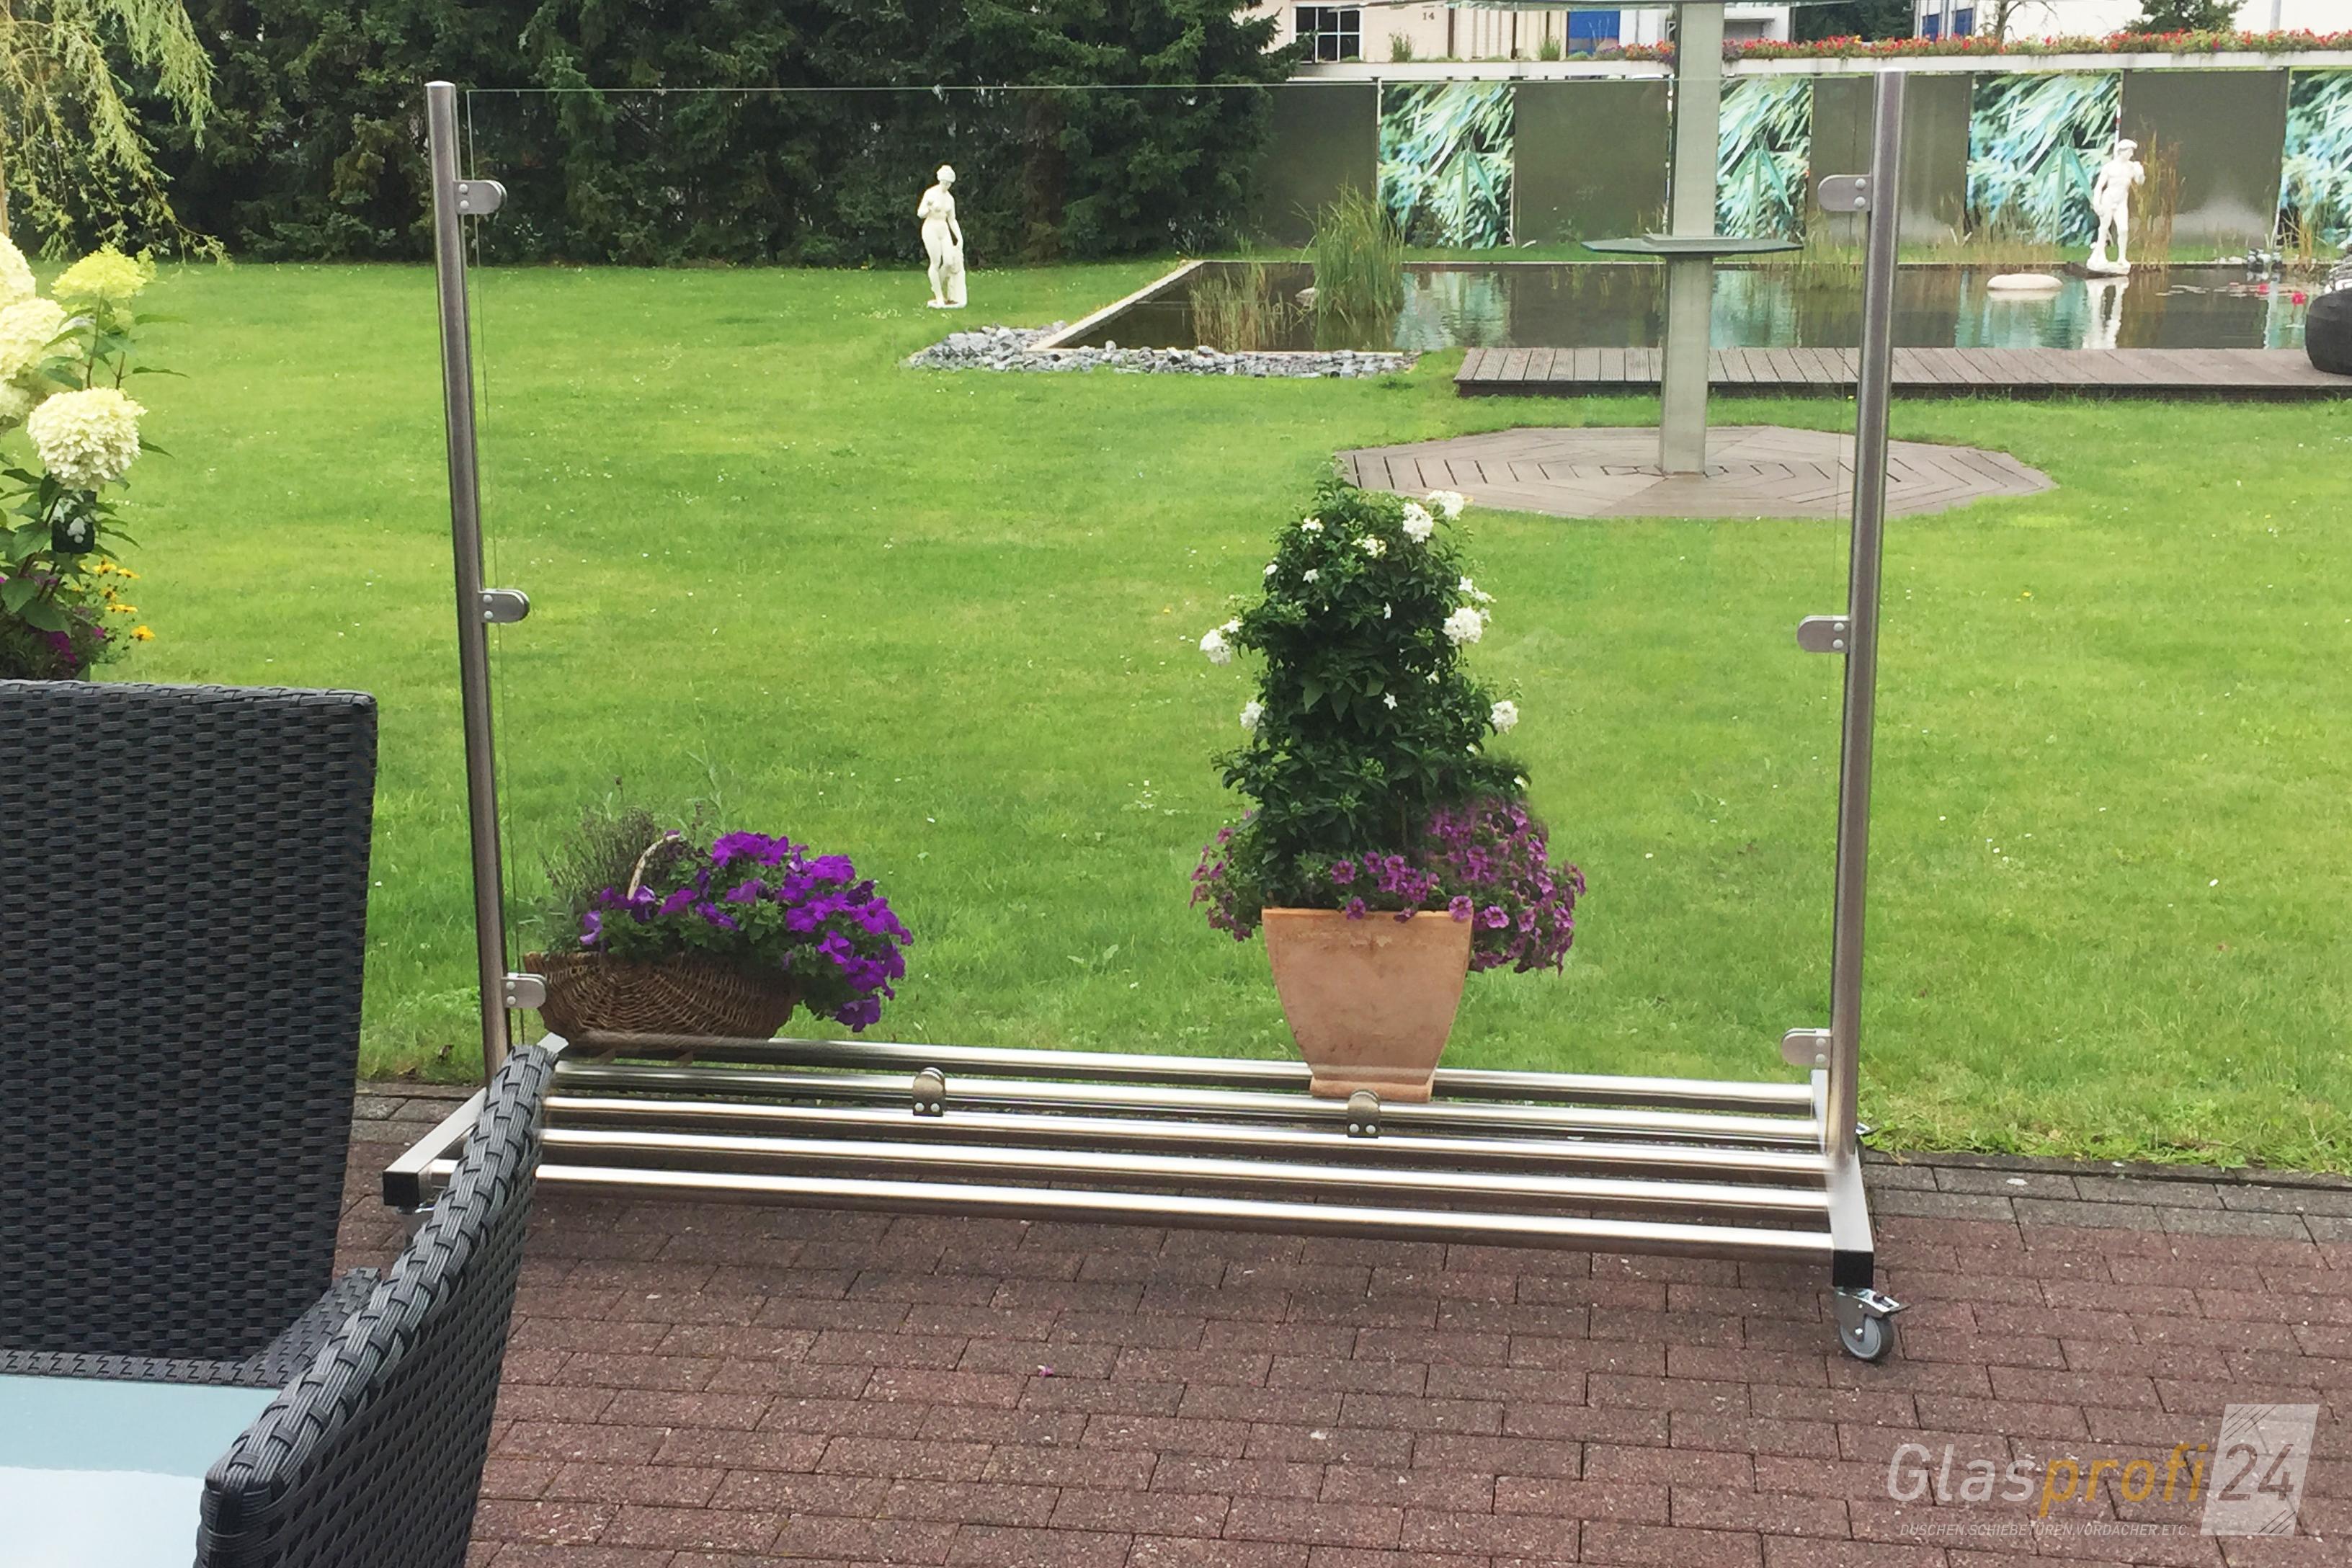 Glas Windschutz Auf Rollen Glasprofi24